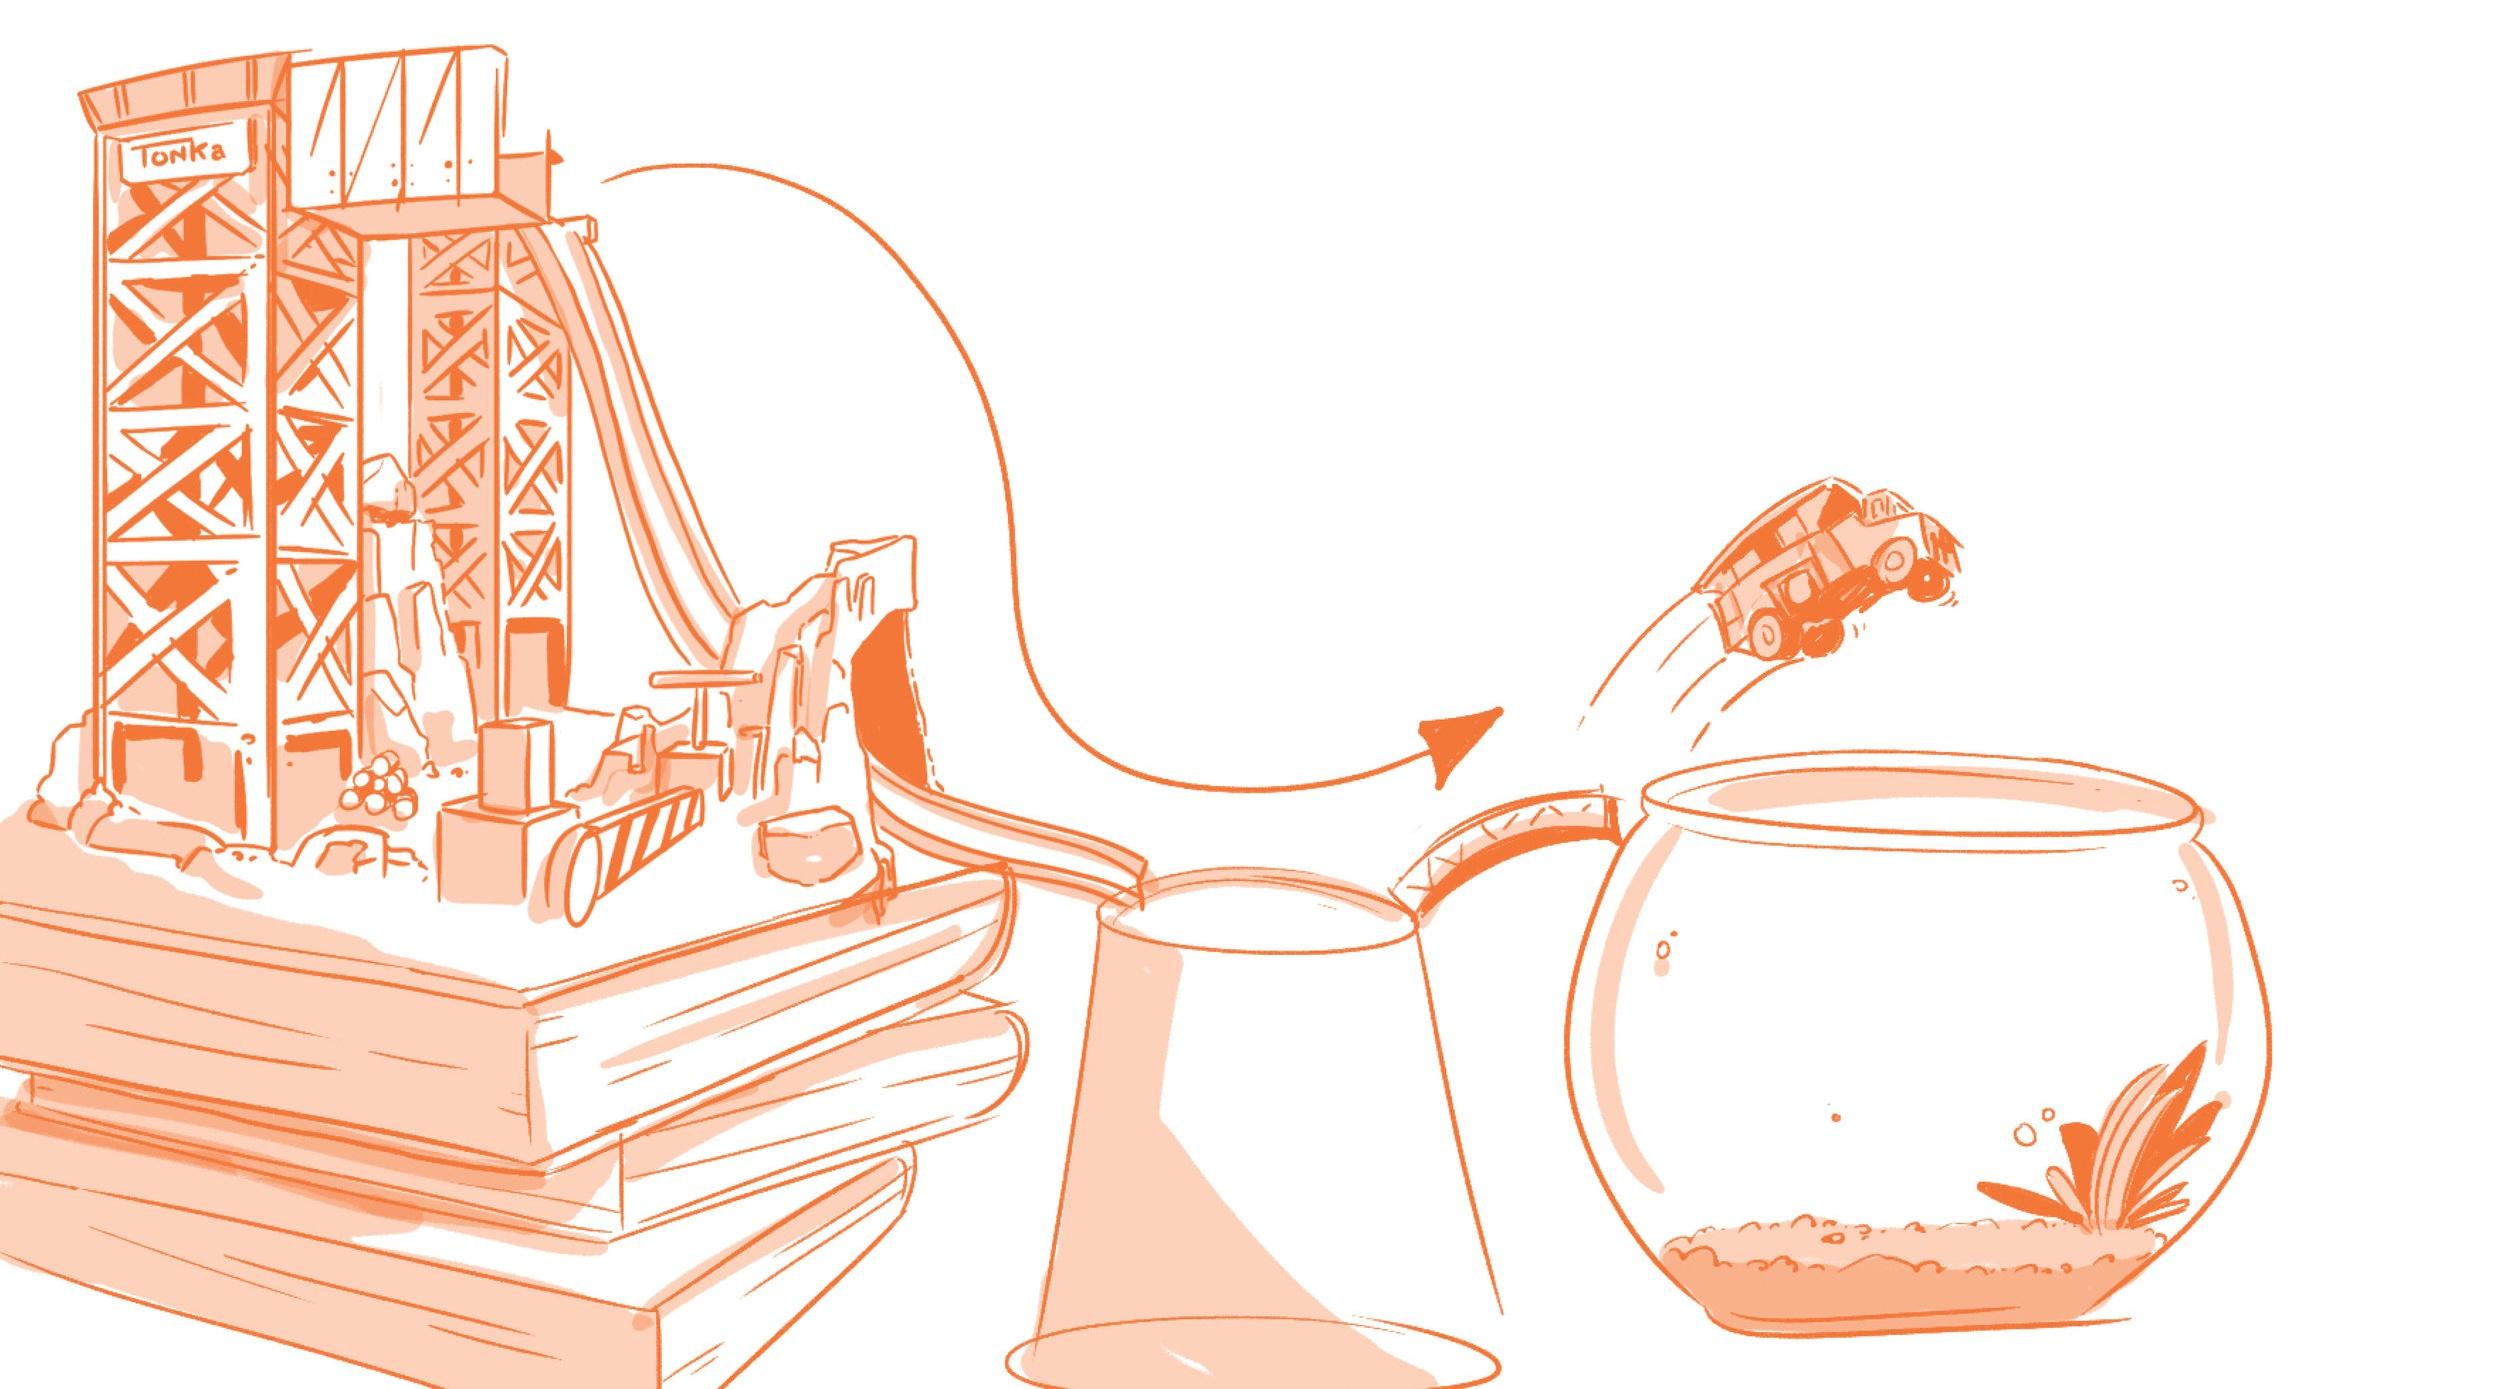 TonkaTinys-Storyboard-1.jpg